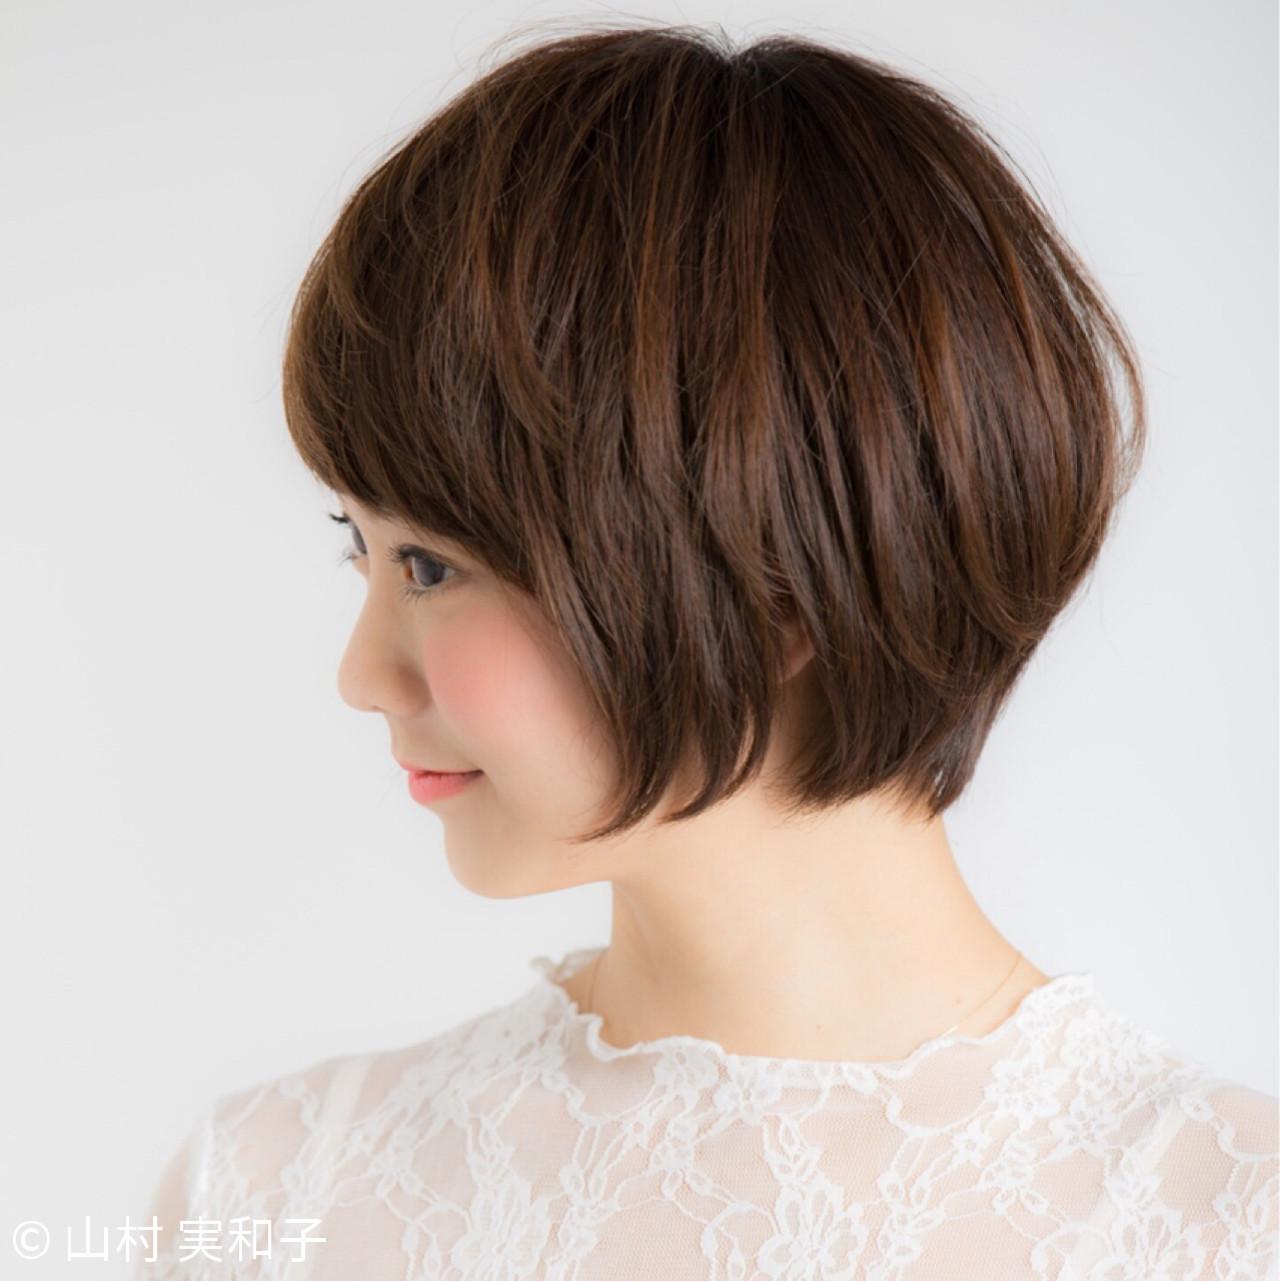 縮毛矯正をプラスして、完成度の高いショートスタイルの完成♡の7枚目の画像